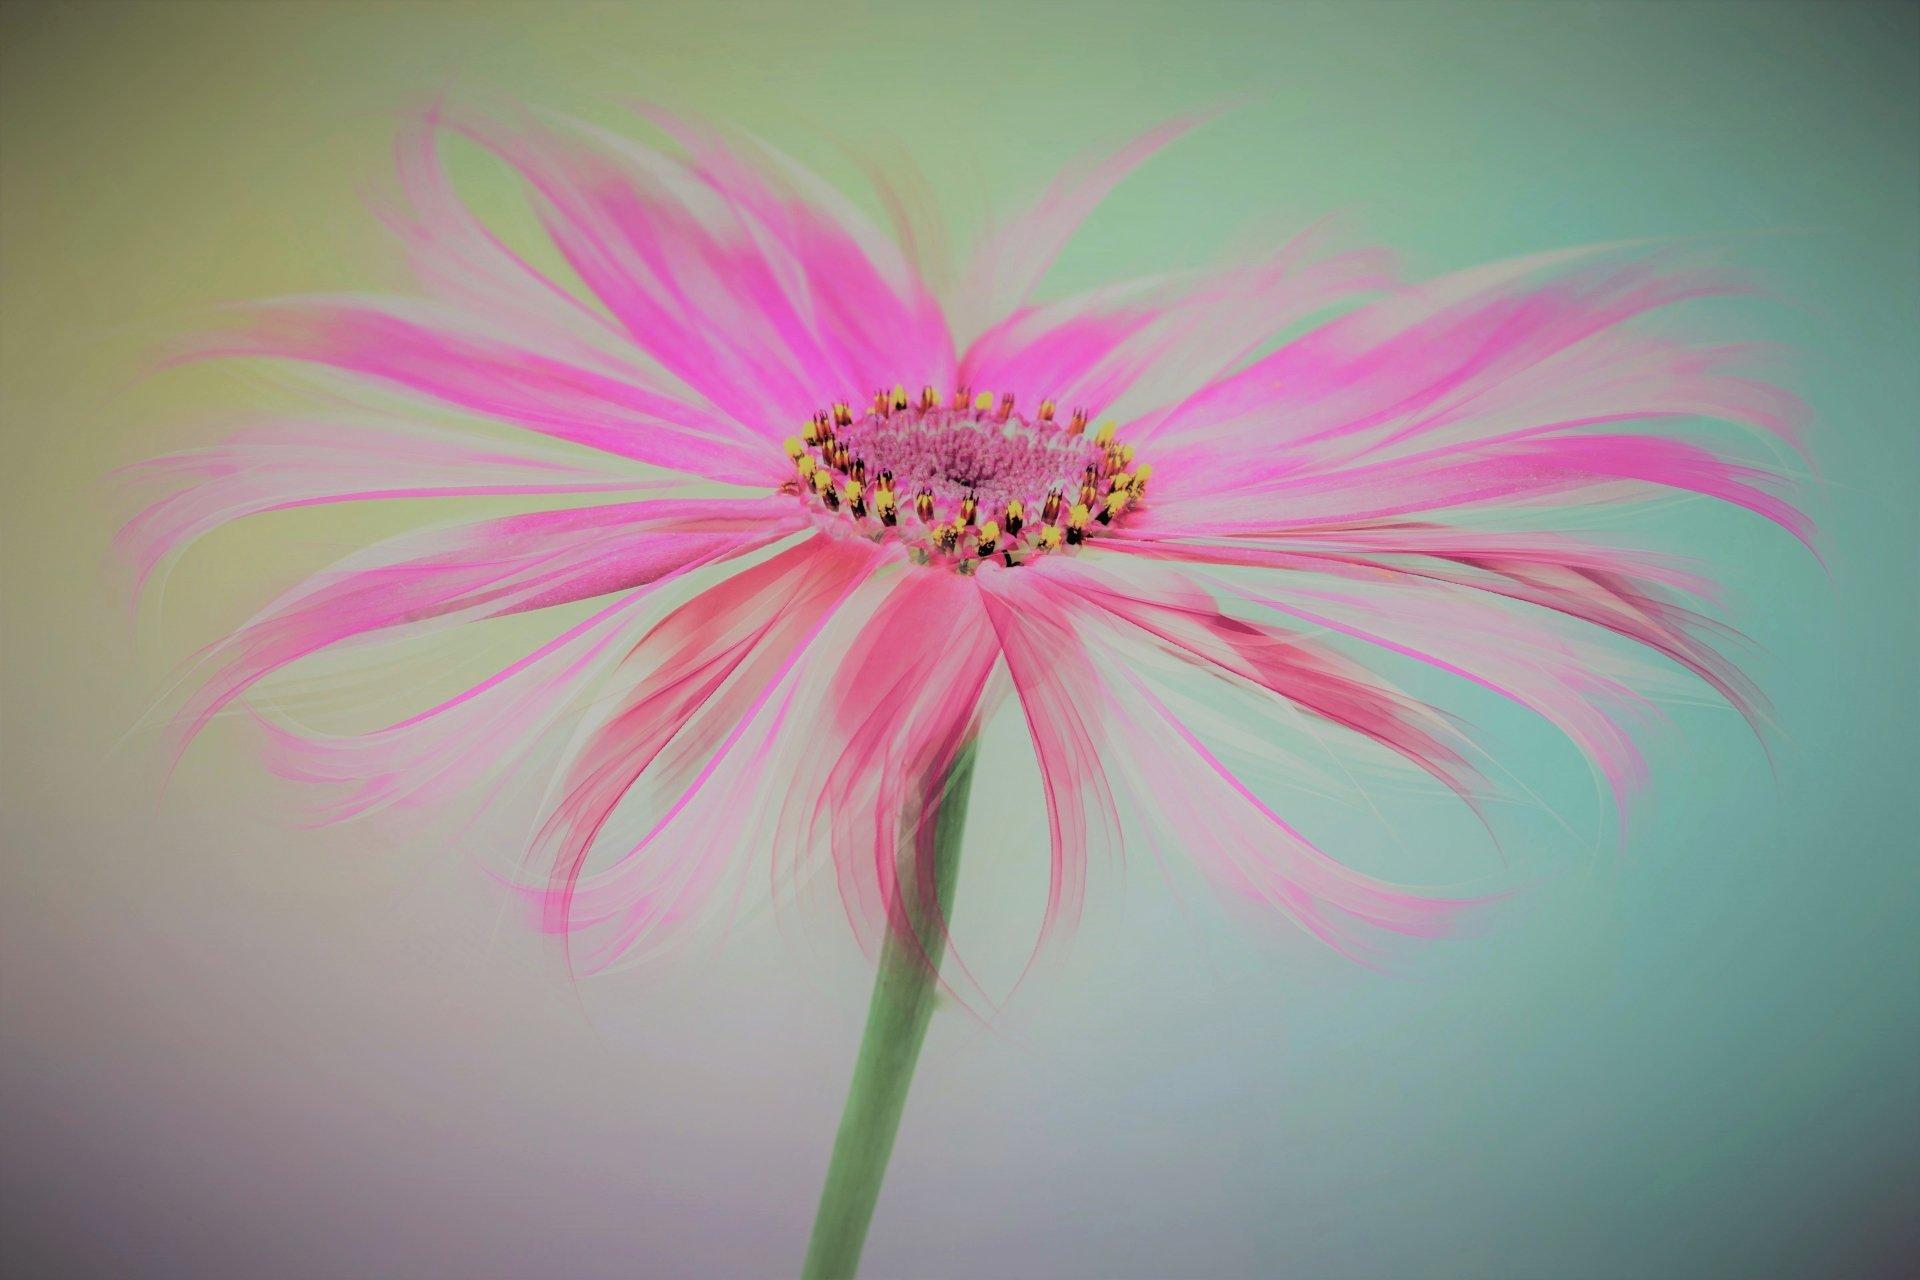 艺术 - 花  艺术 Pink Flower 壁纸